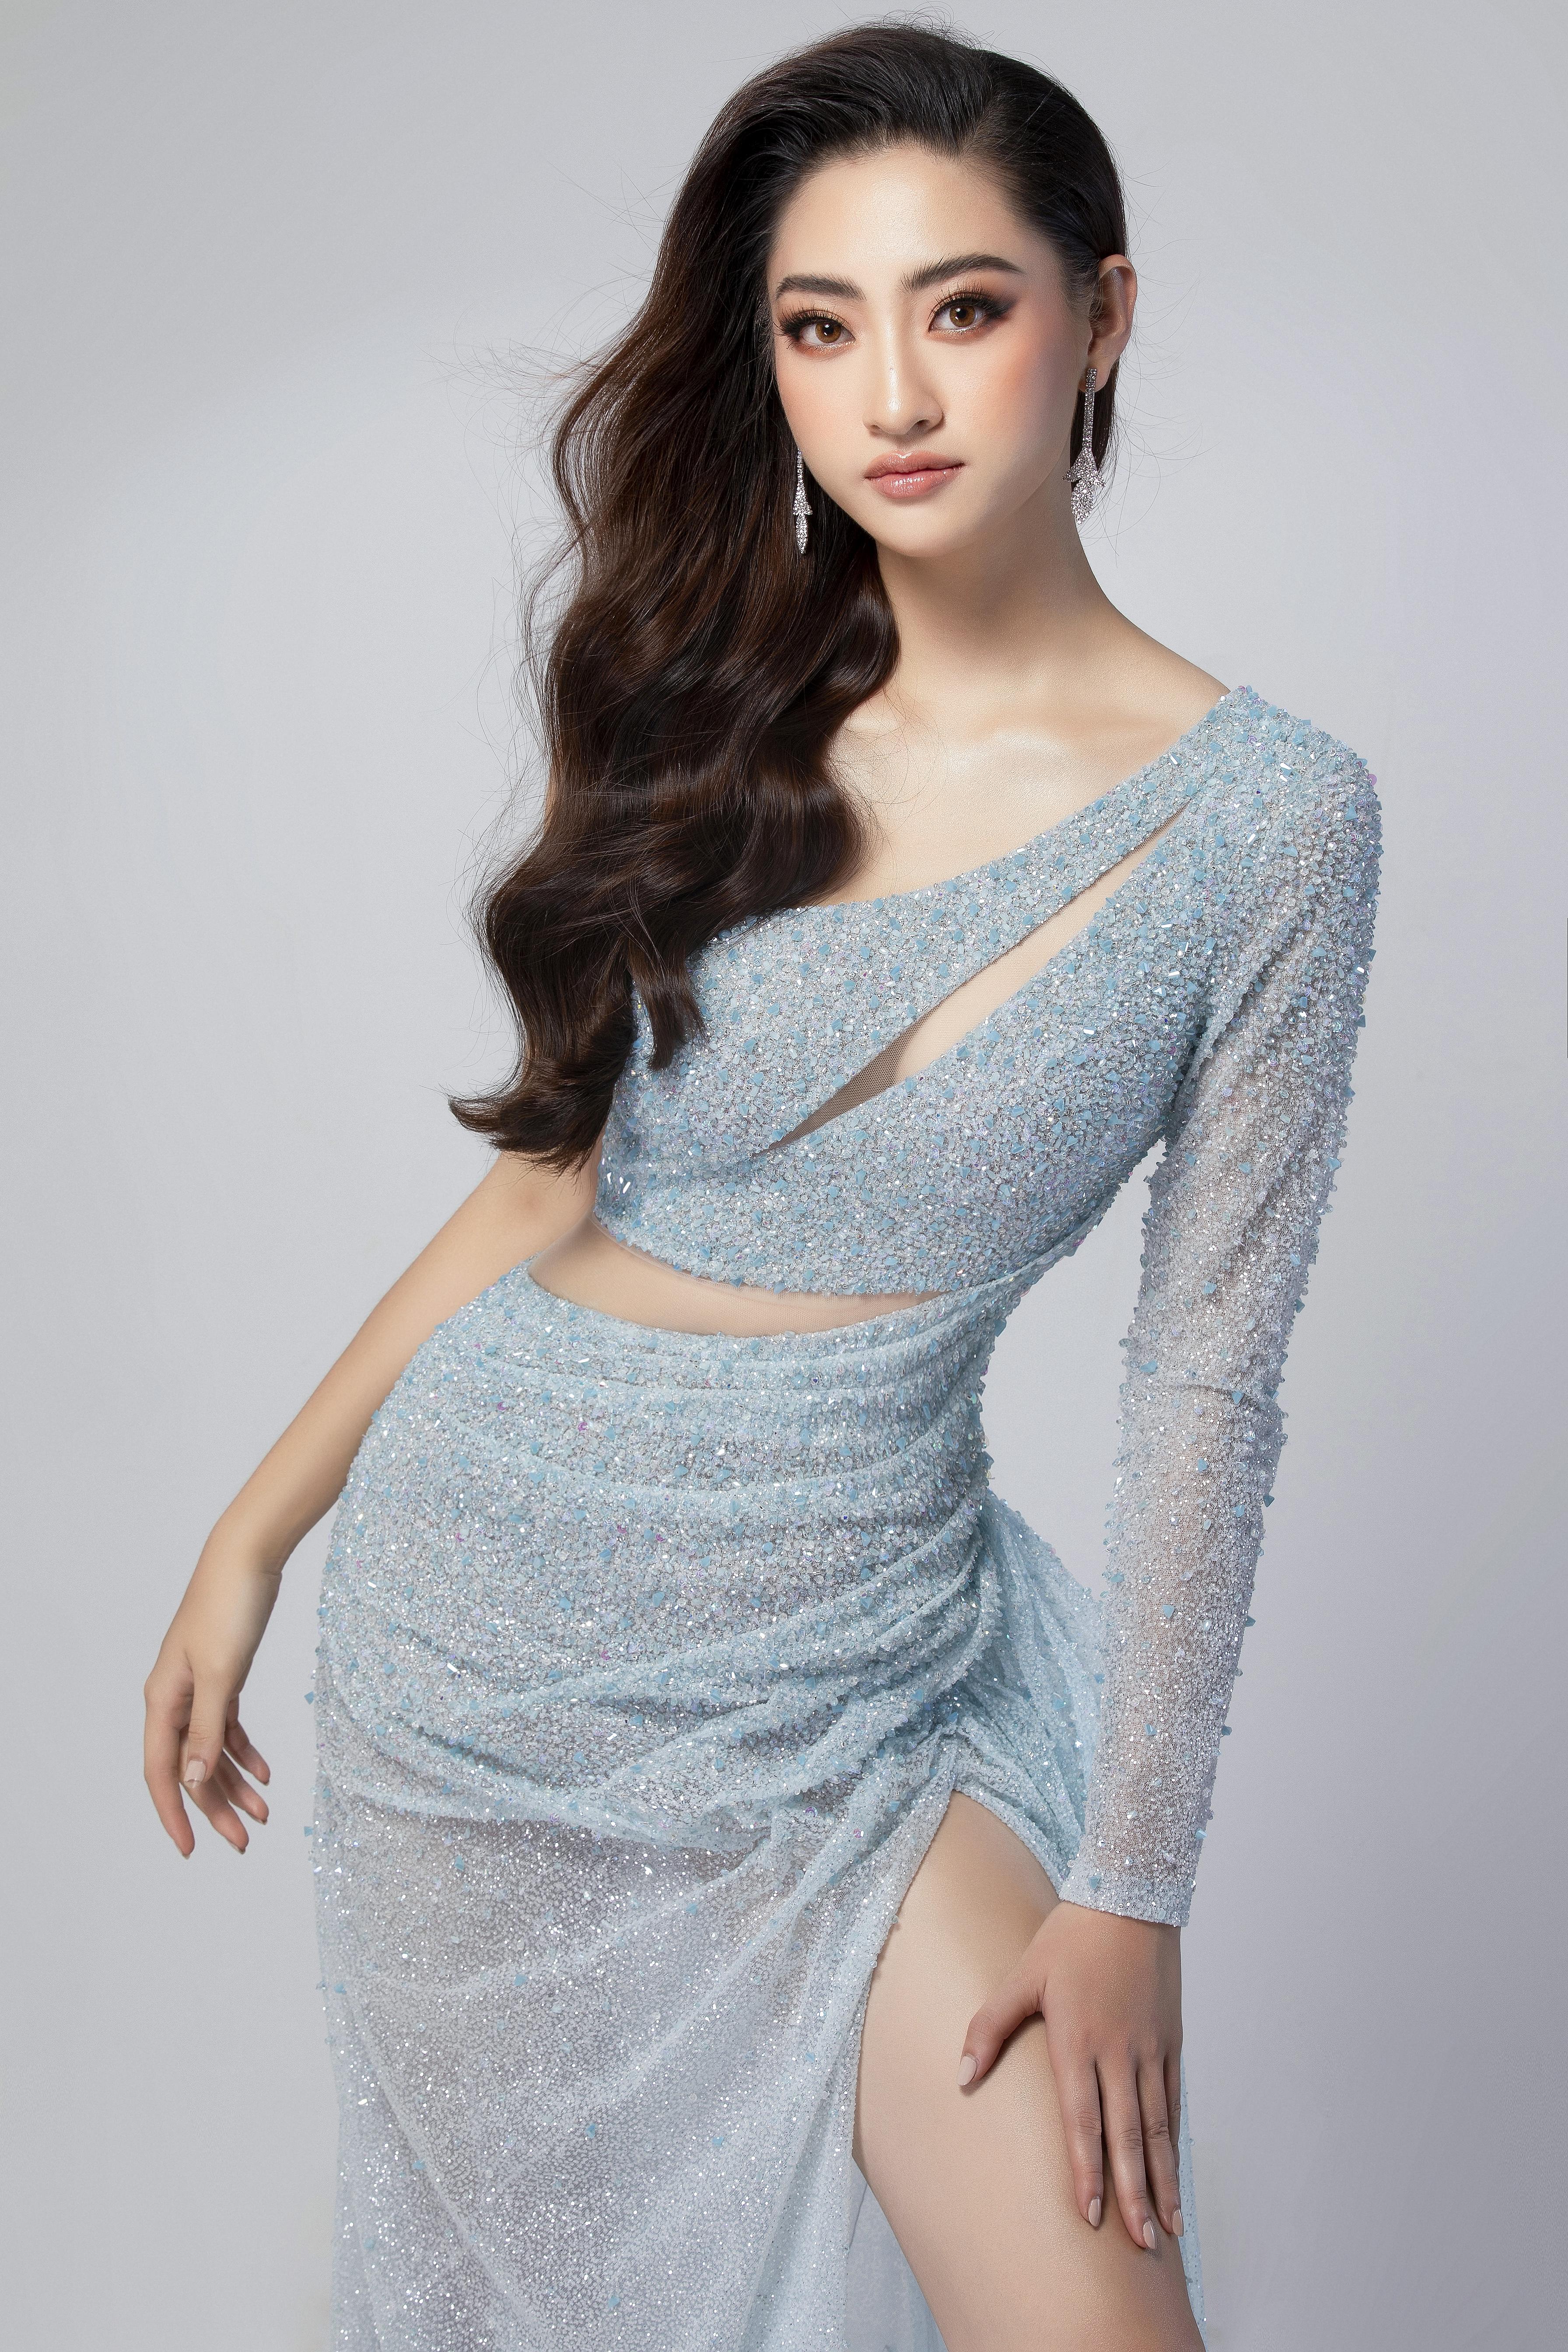 Lương Thùy Linh lọt Top 12 Miss World: Tôi tự hào vì cái tên Việt Nam được vang lên 2 lần - Ảnh 2